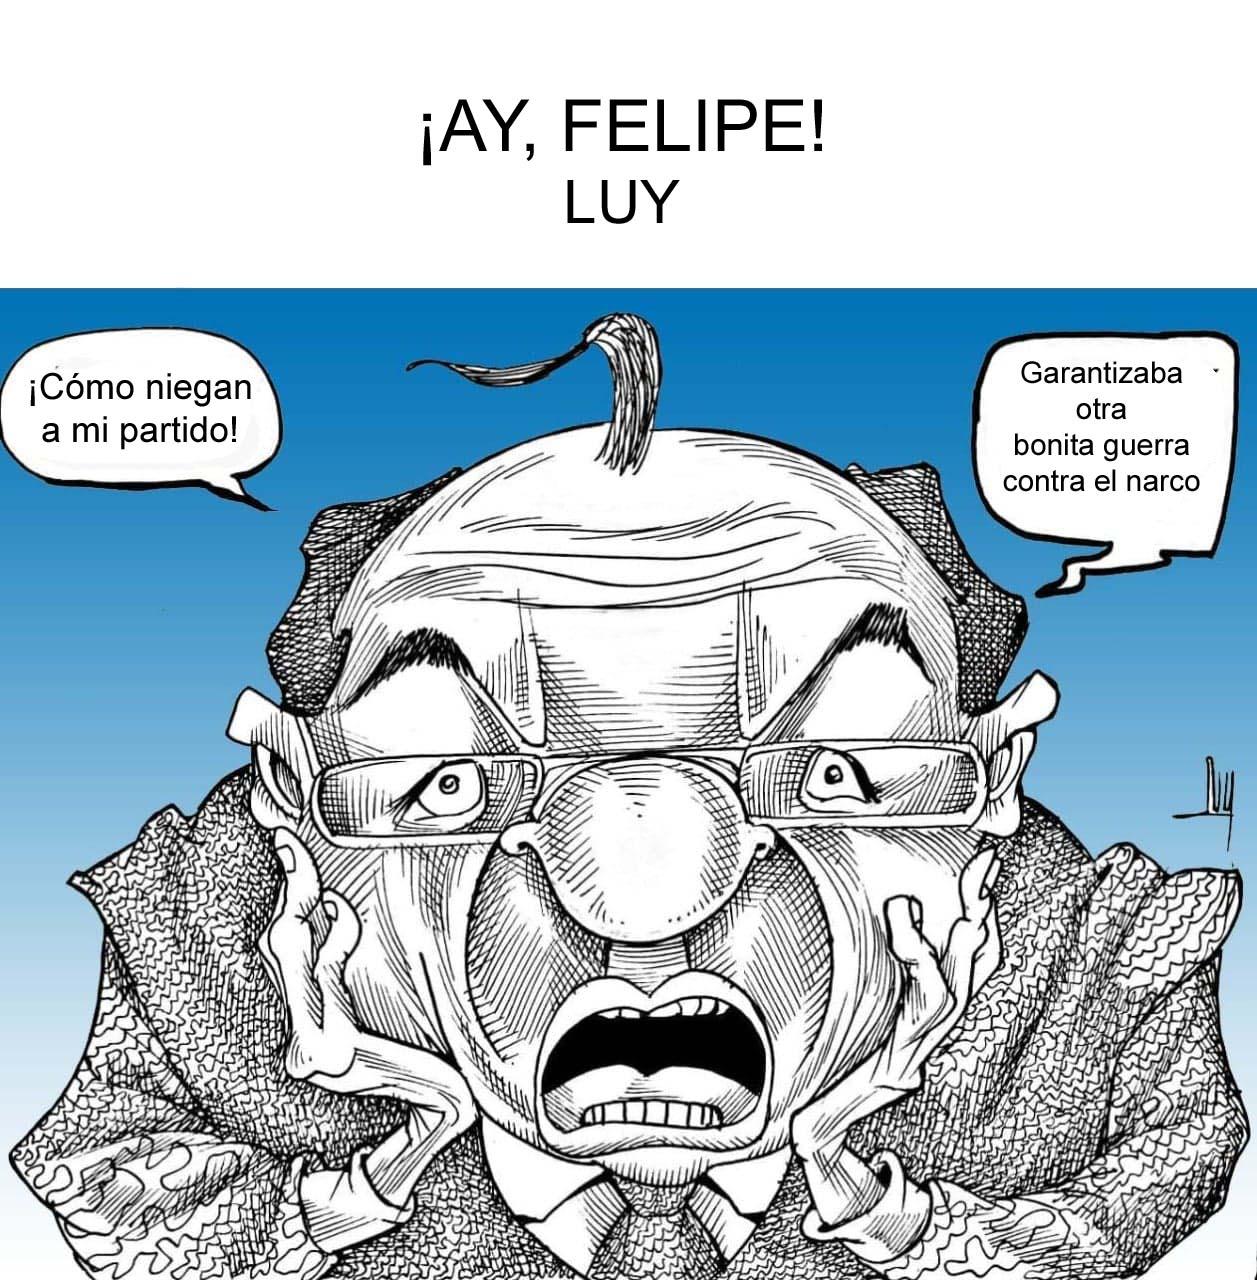 ¡Ay, Felipe! por Luy